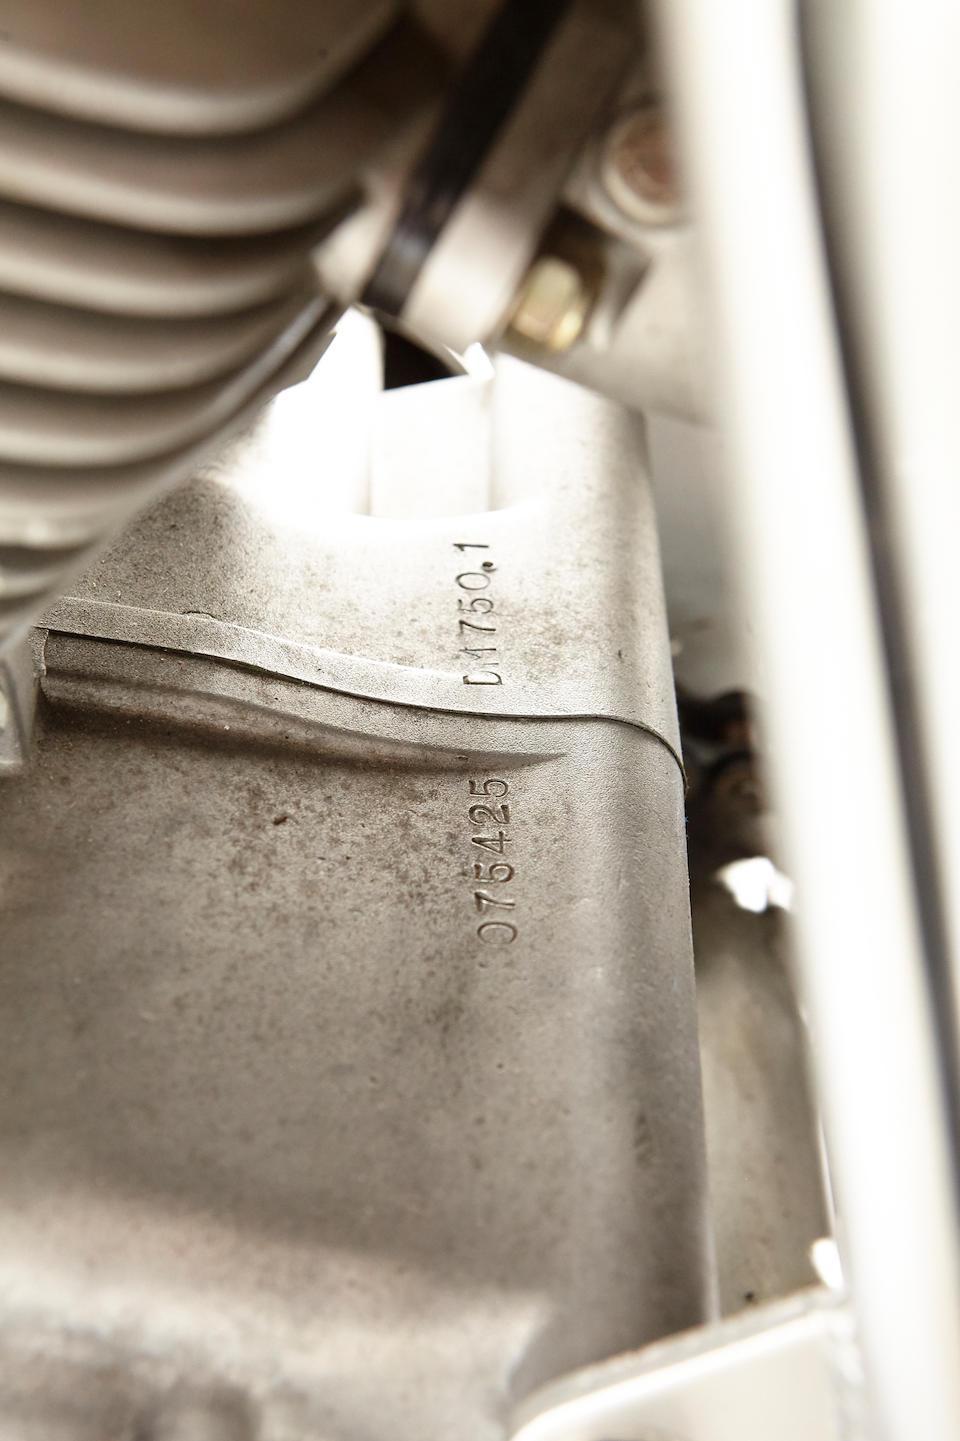 1975 Ducati 750 SS Frame no. DM750SS075437 Engine no. 075425DM7501